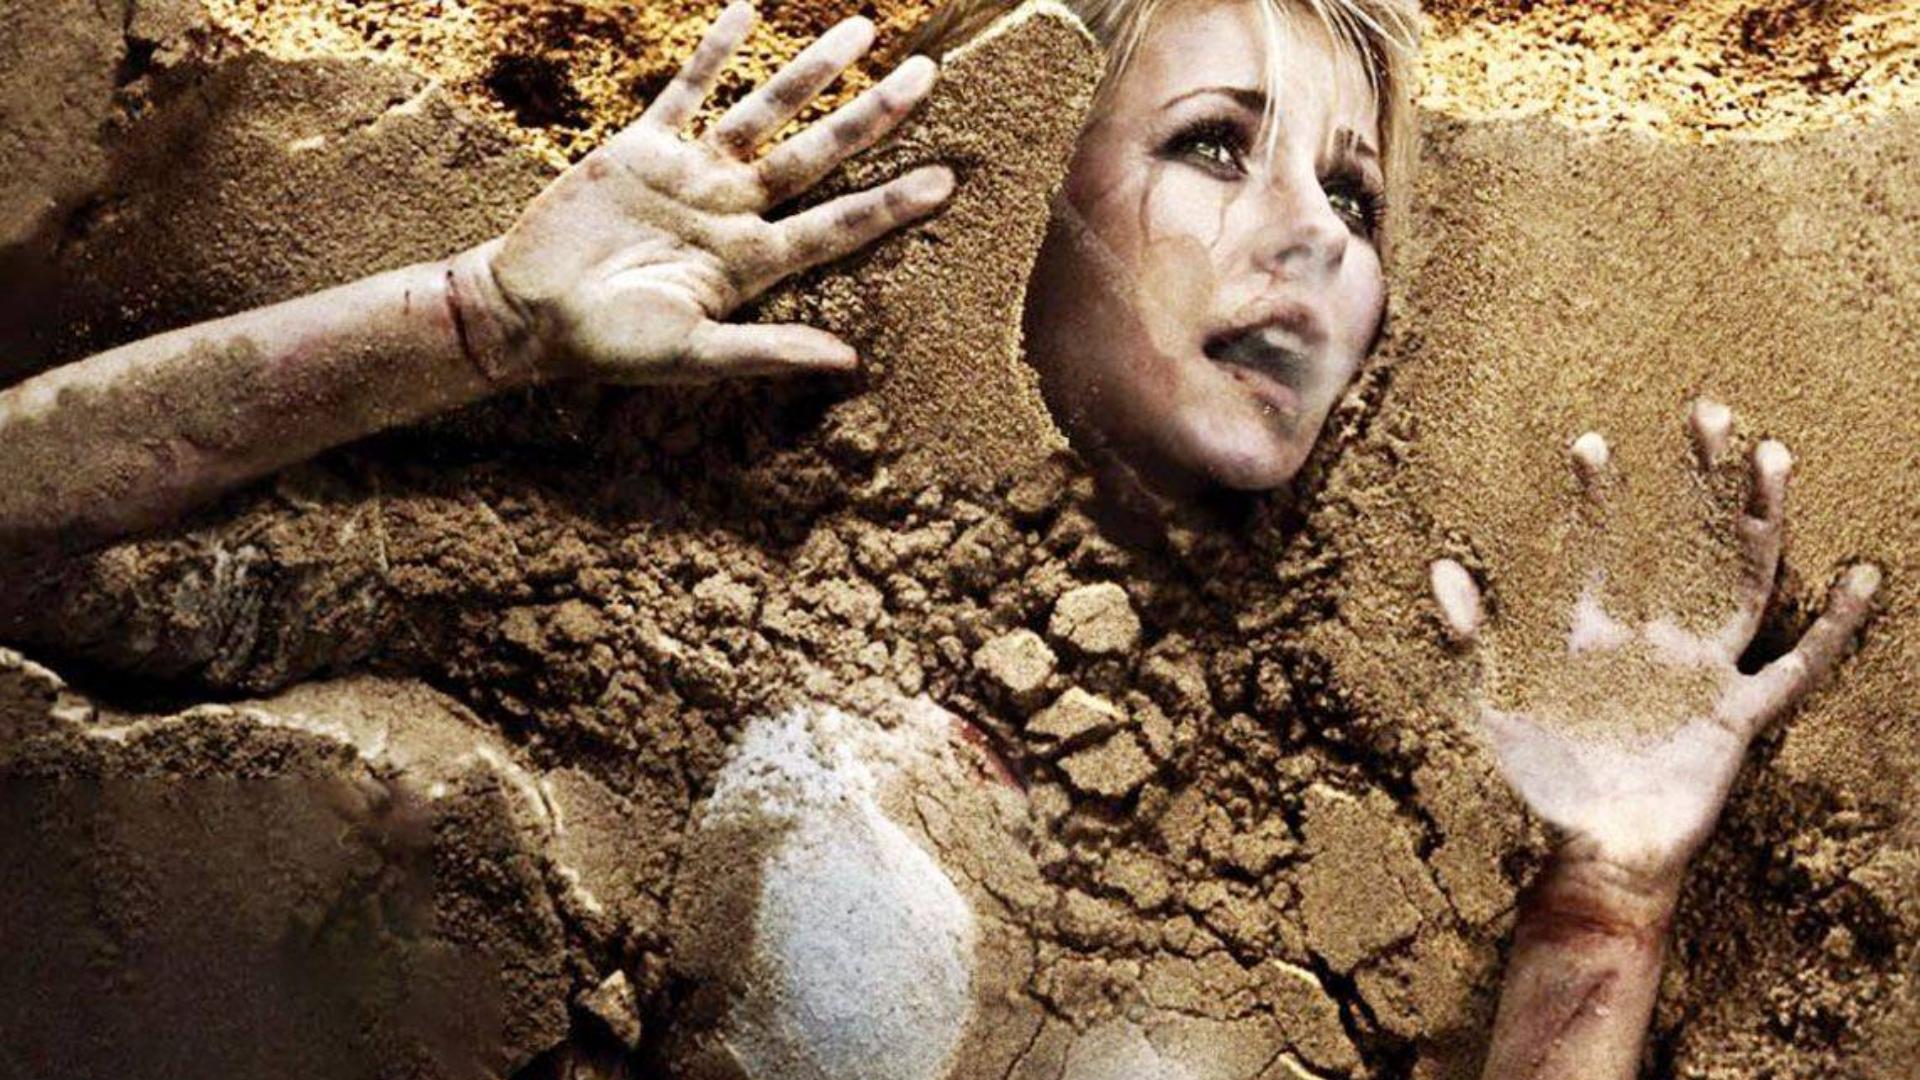 女模特被关入流沙玻璃缸,沙子从头顶灌入将要窒息,结果意外不断